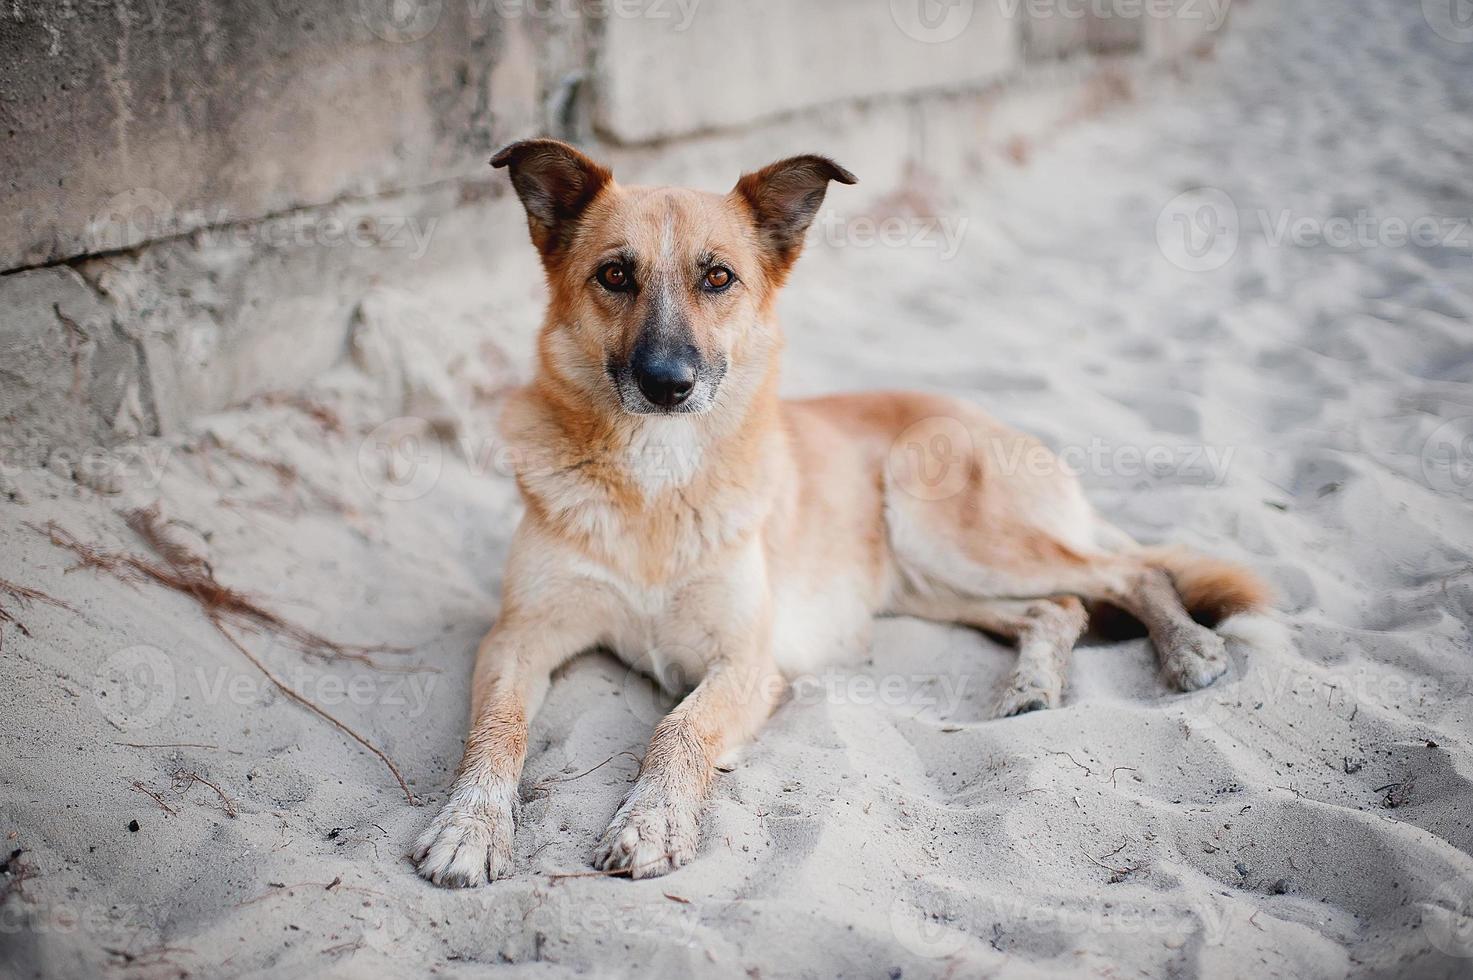 cane sdraiato sulla sabbia foto